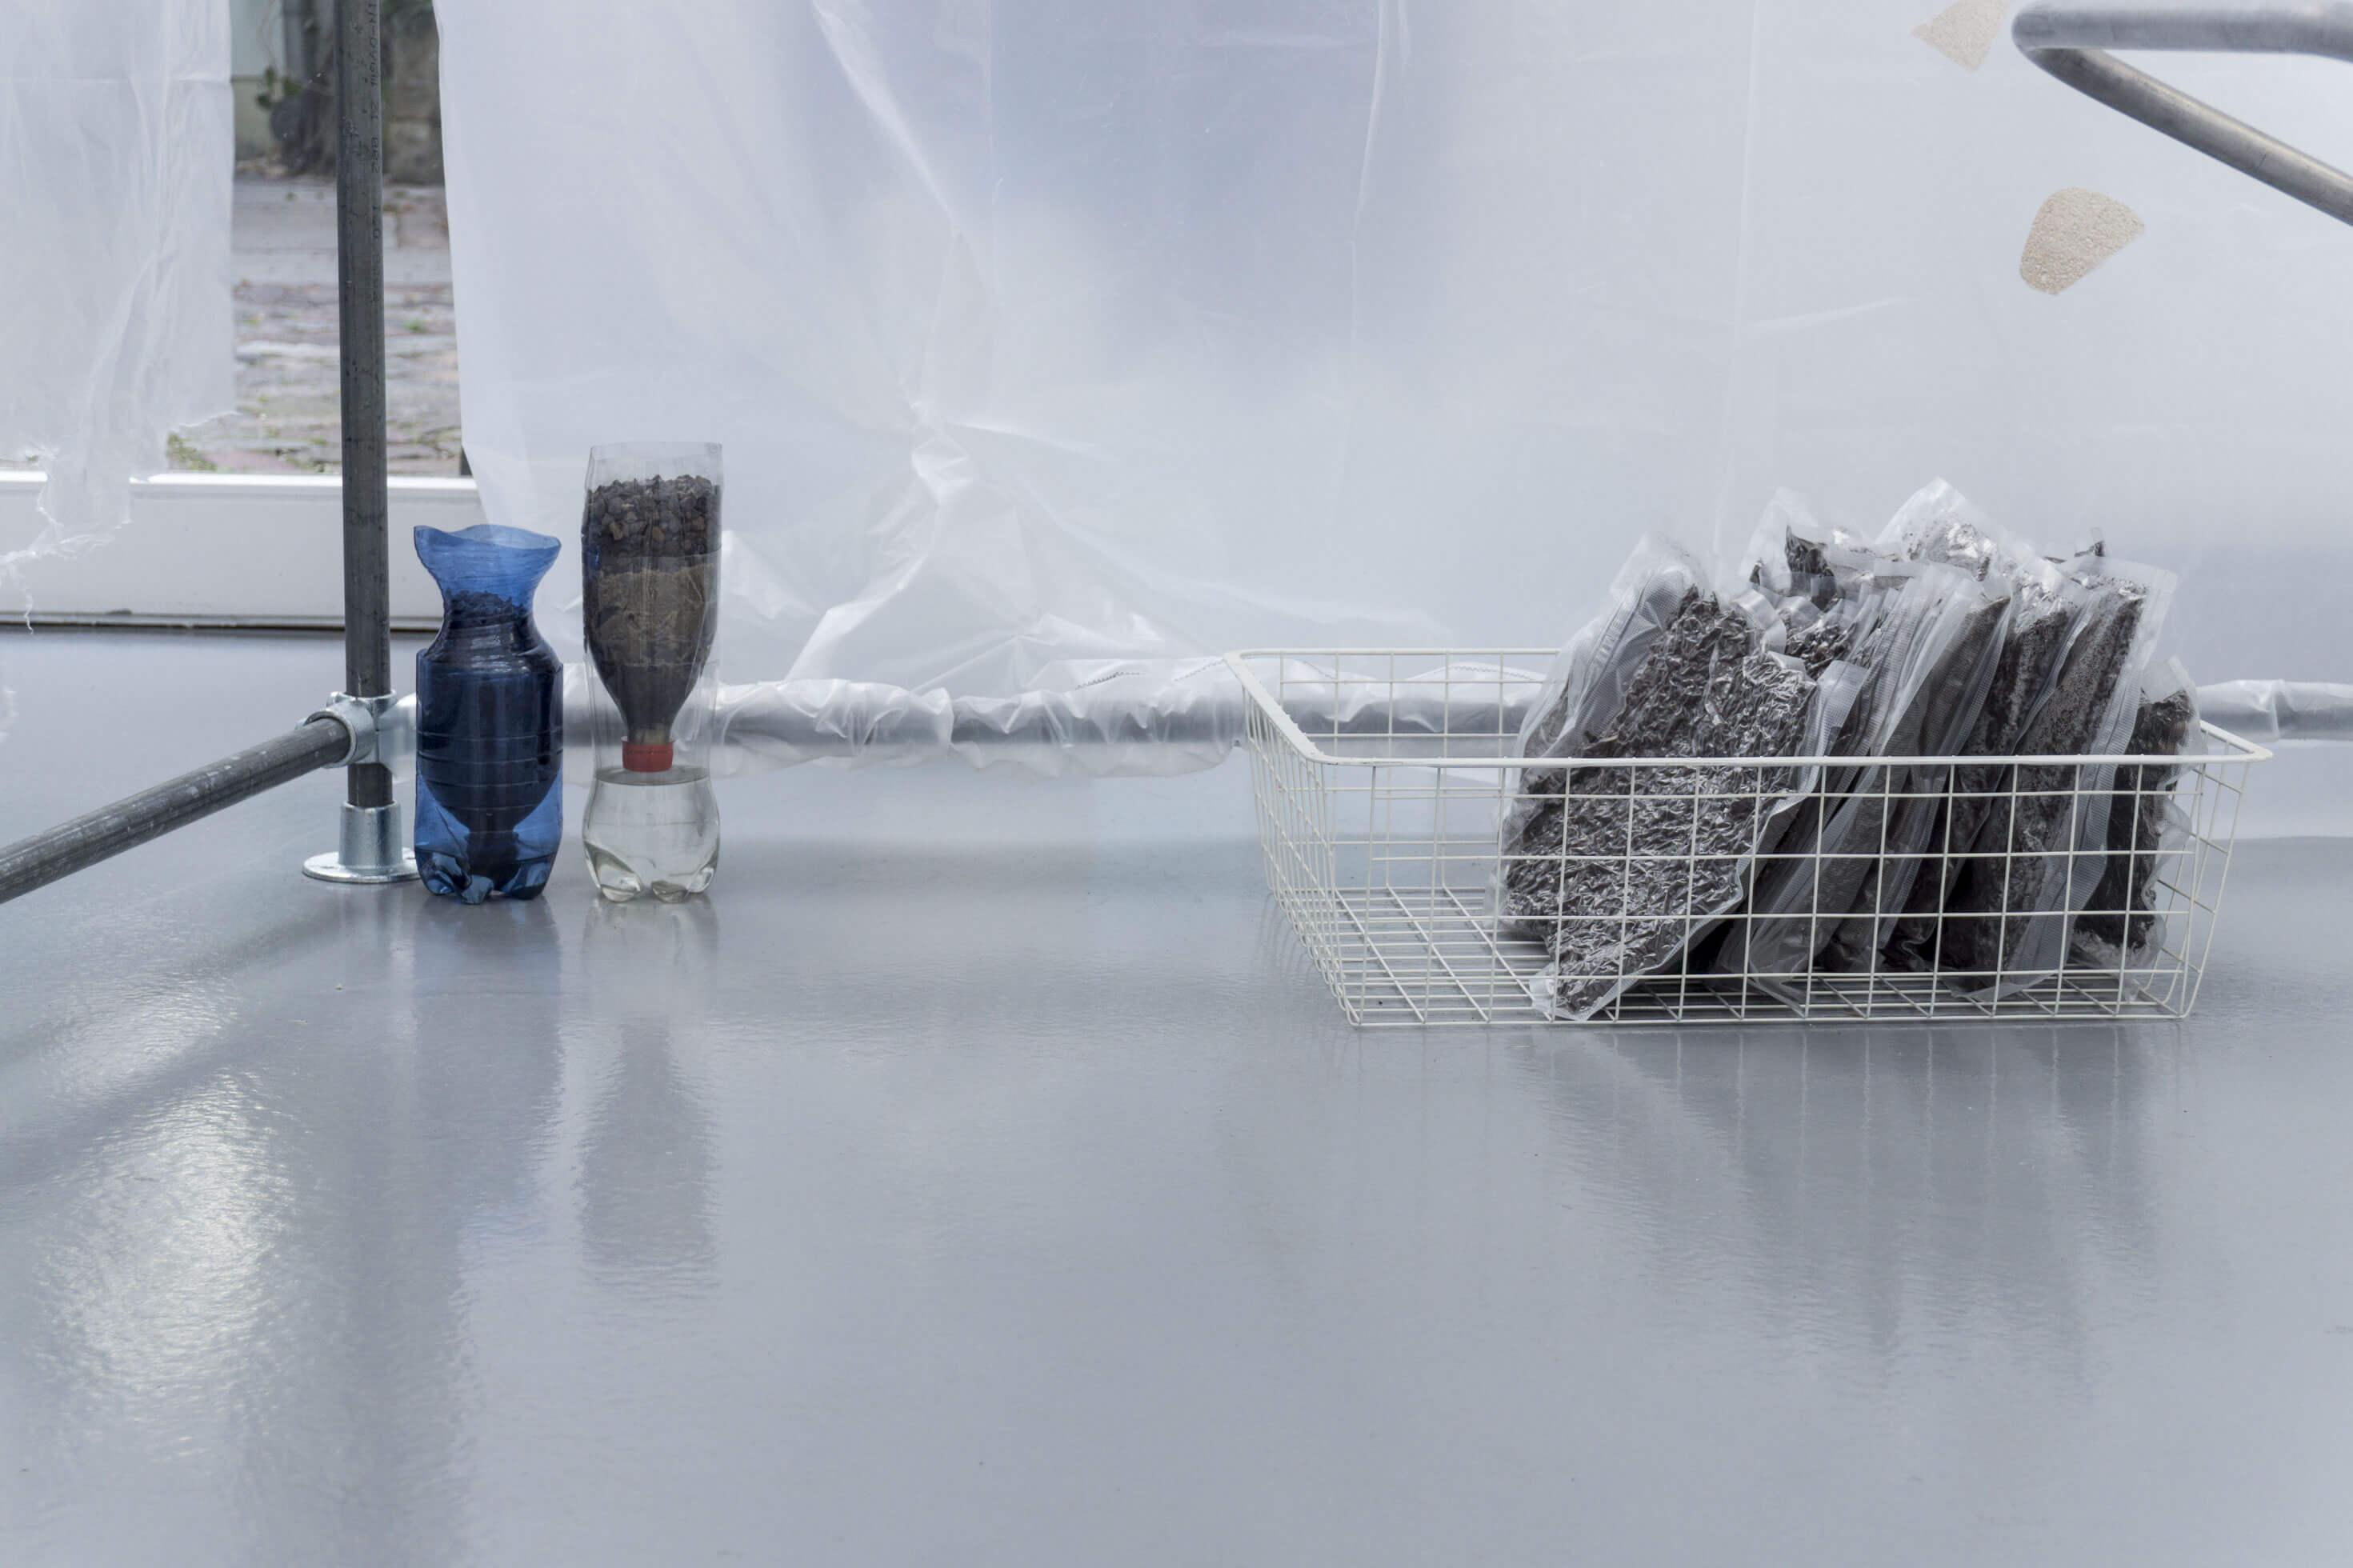 Installationsansicht Alexander Poliček, aufgeschnittene Plastikflaschen und andere Objekte.